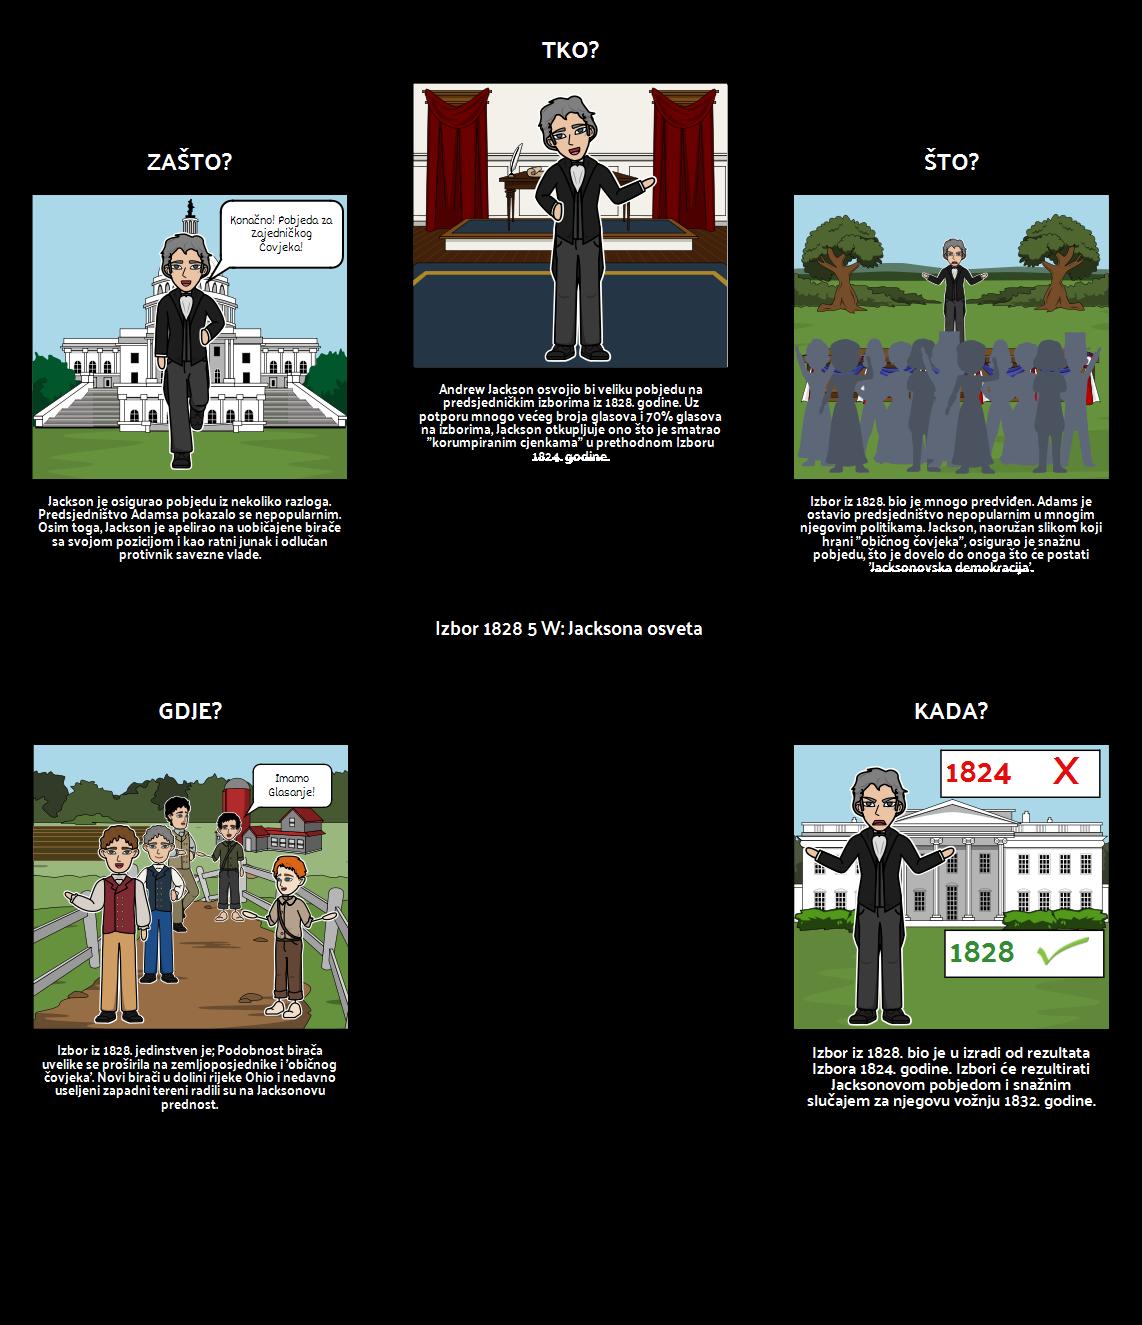 Izbor 1828. godine: Jacksonova pobjeda